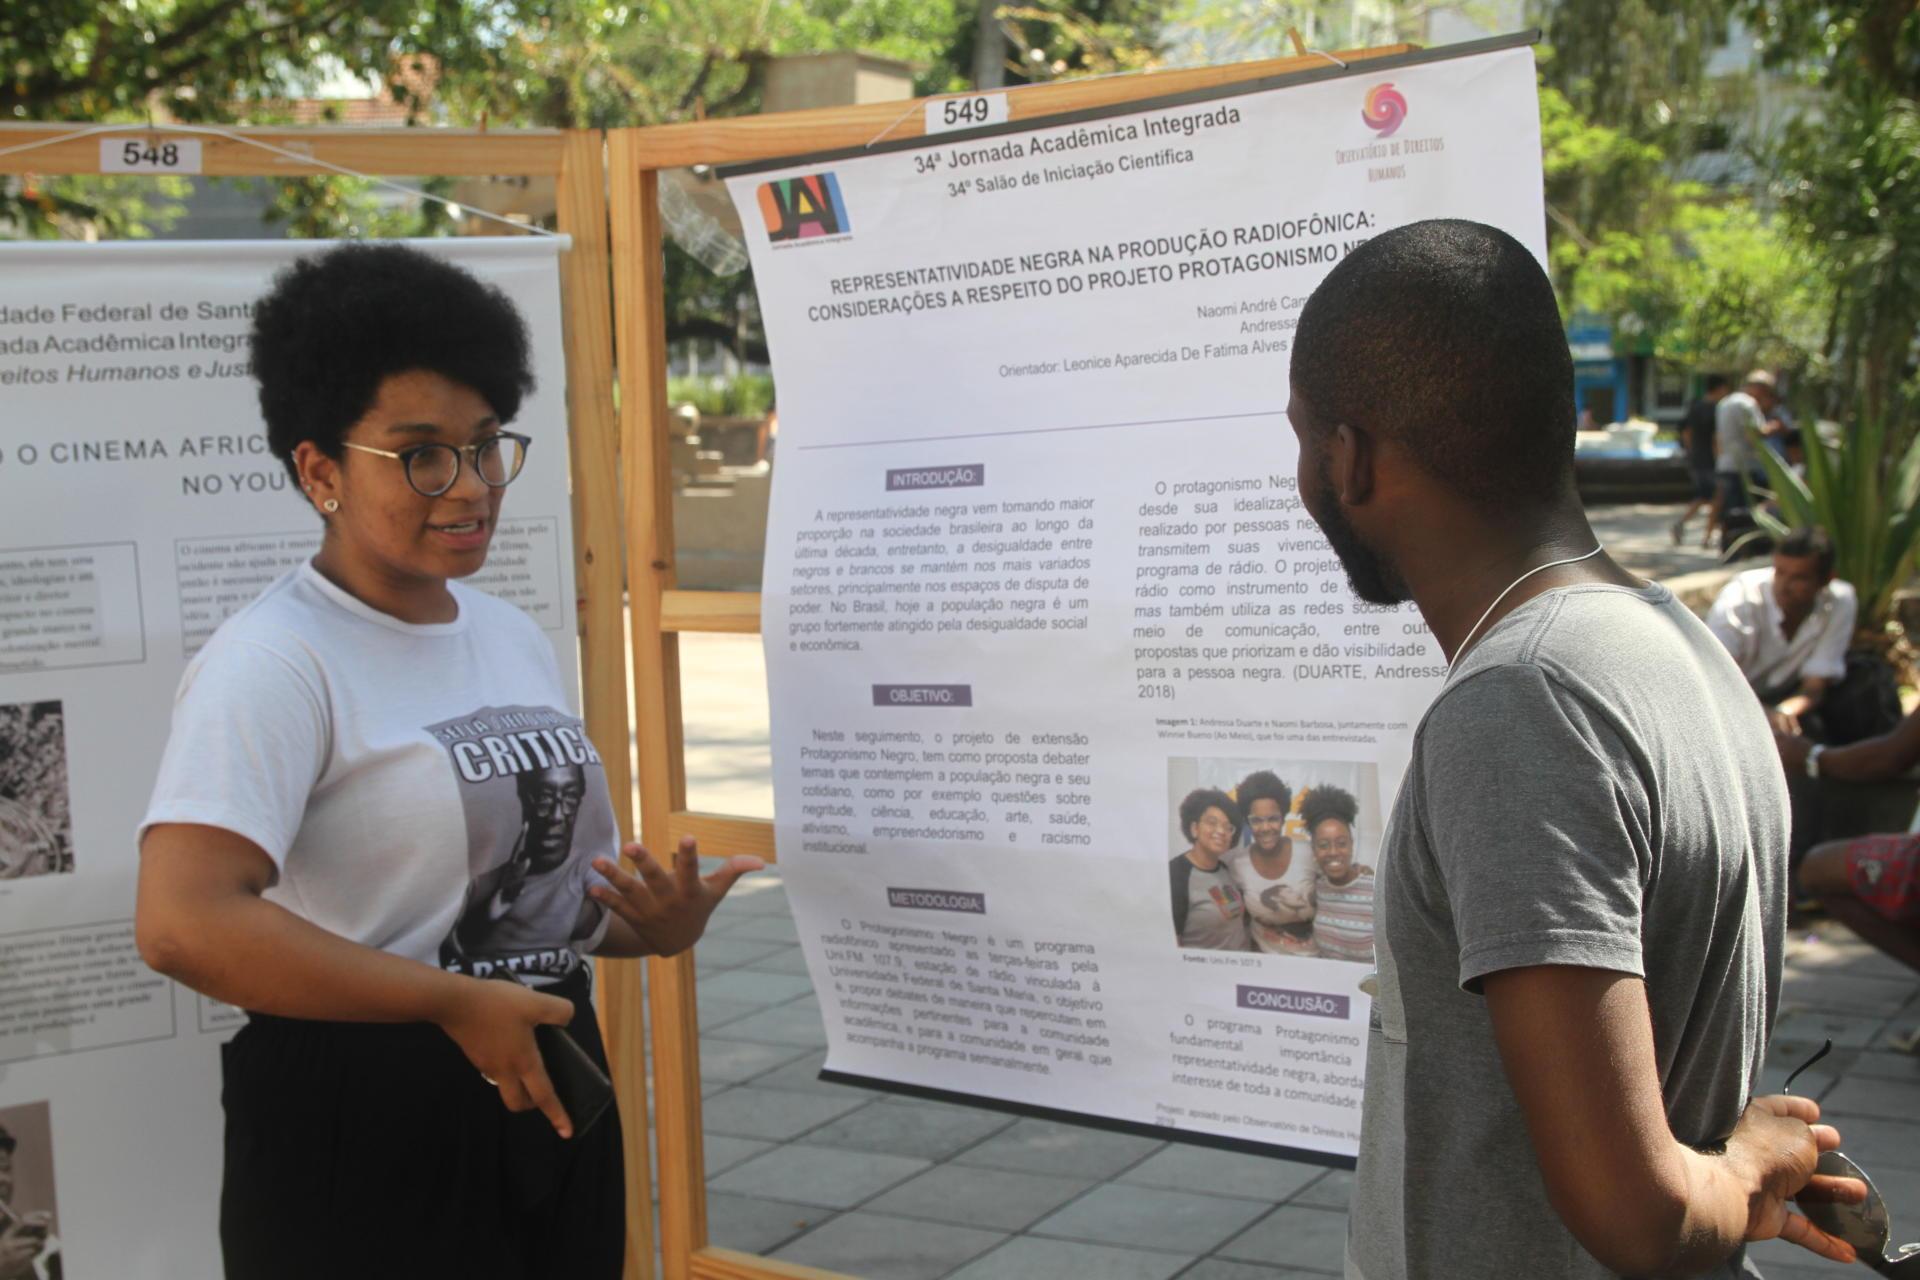 Foto colorida horizontal mostra estudante apresentando seu banner para um rapaz